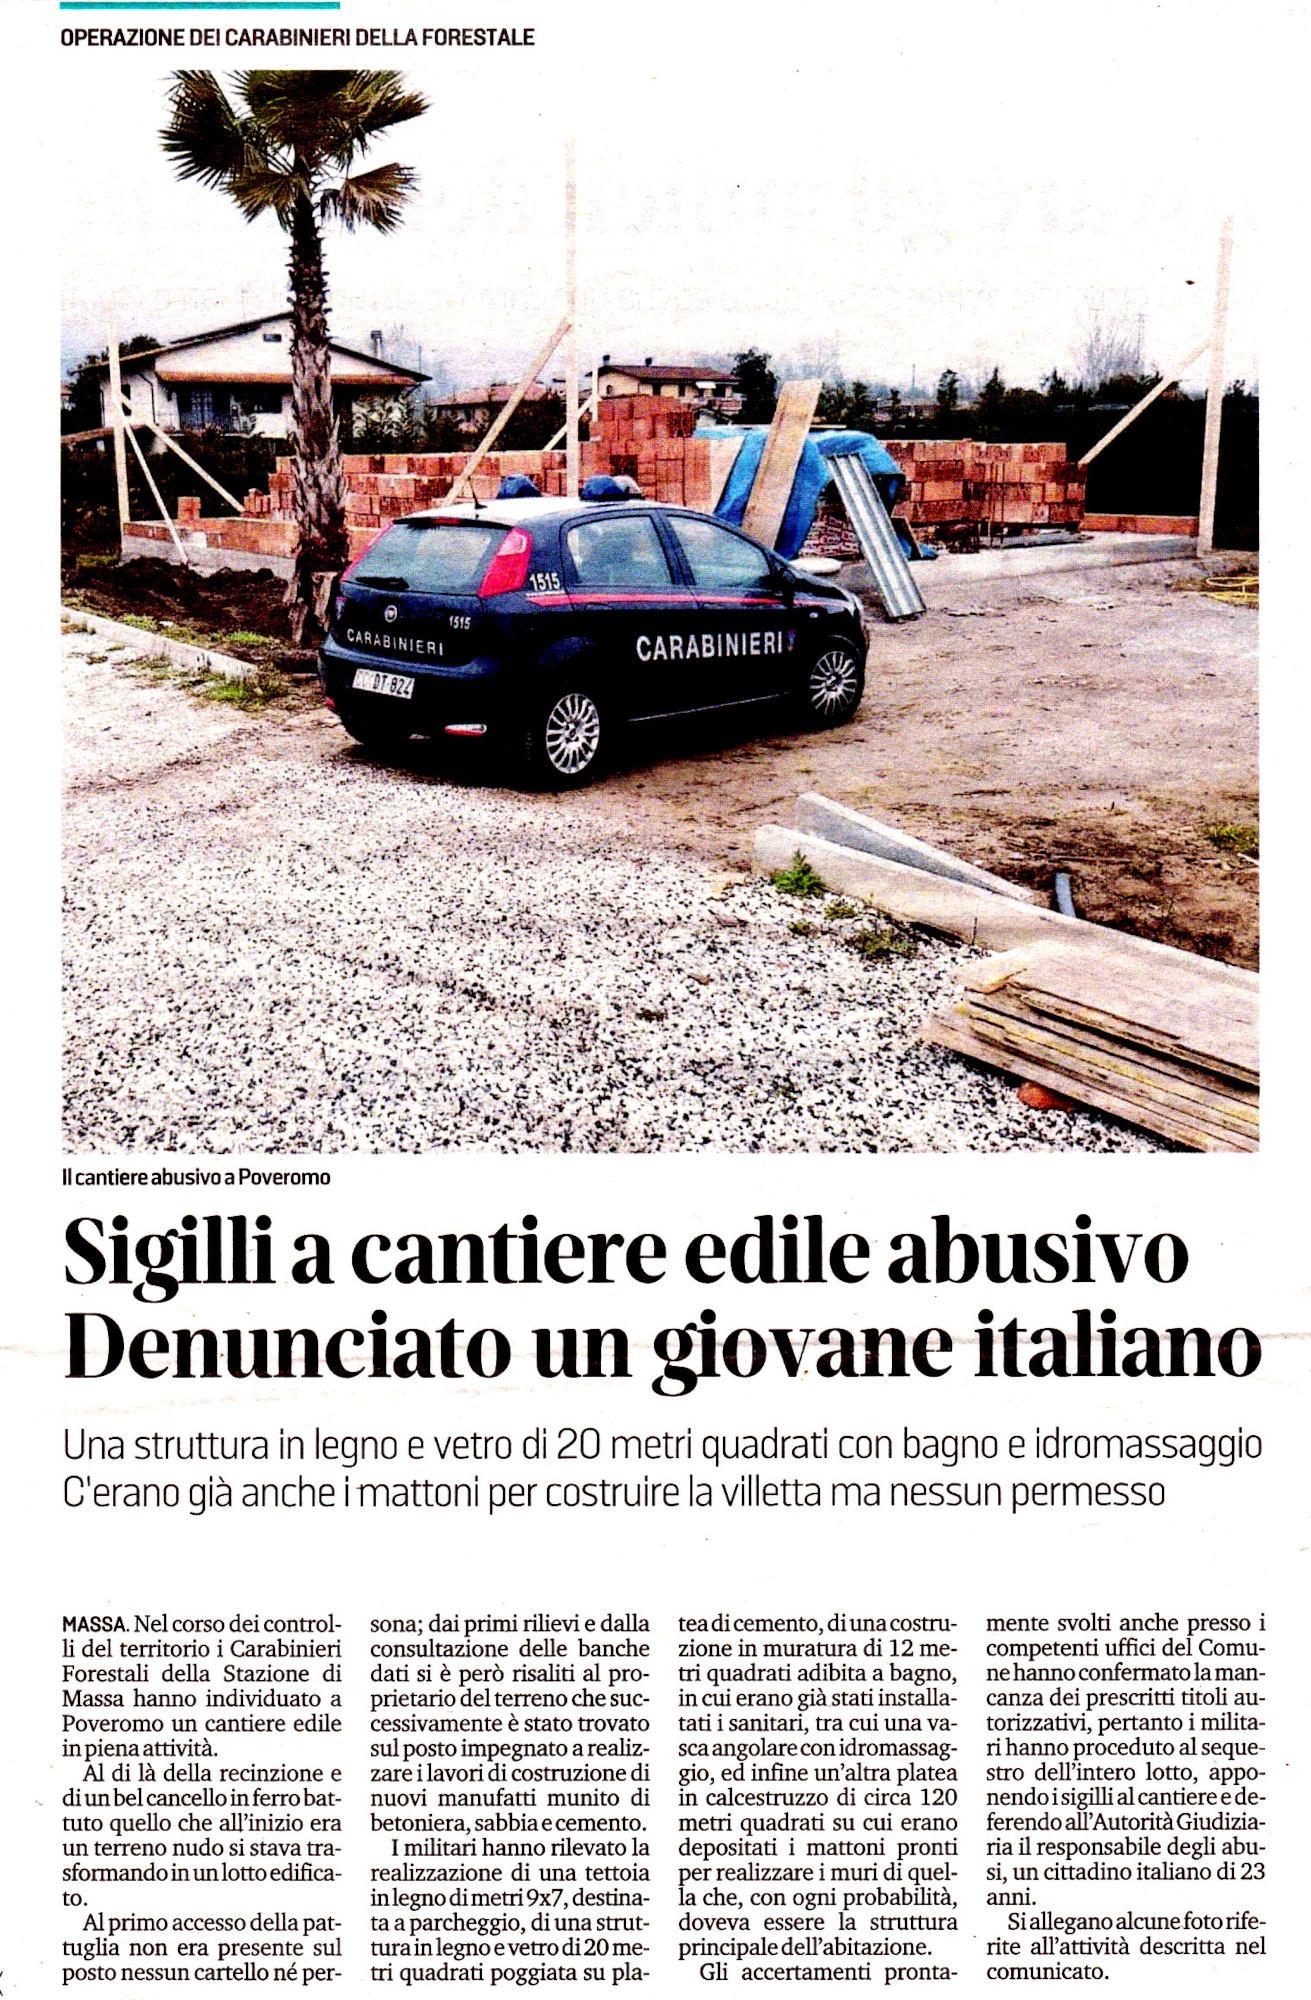 """Il Tirreno: """"Sigilli a cantiere edile abusivo - Denunciato un giovane italiano"""""""